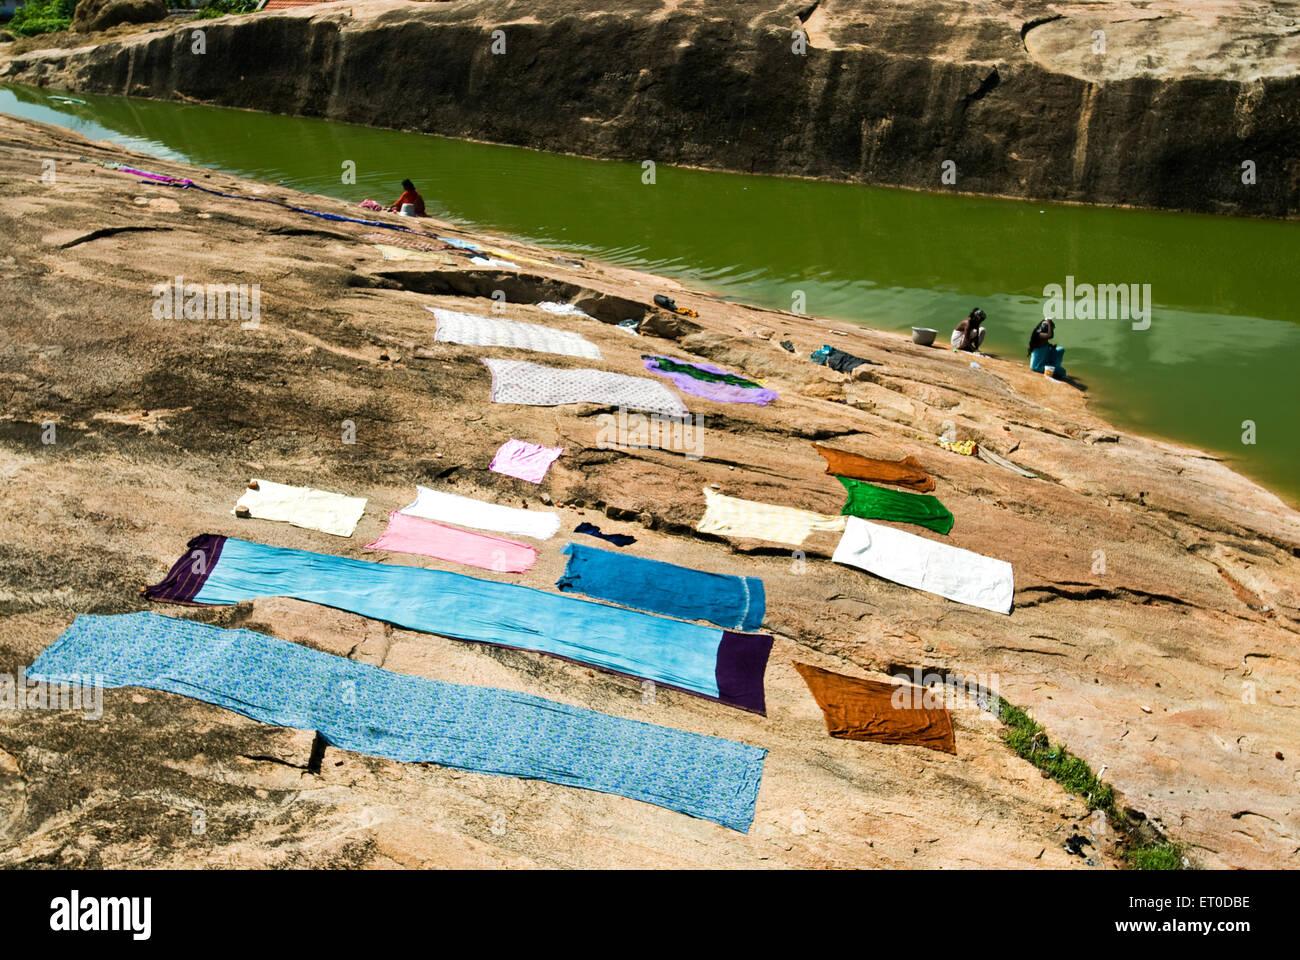 Narrow puddle in Kunnandarkoil ; Kundrandarkoil  ; Pudukkottai ; Tamil Nadu ; India - Stock Image